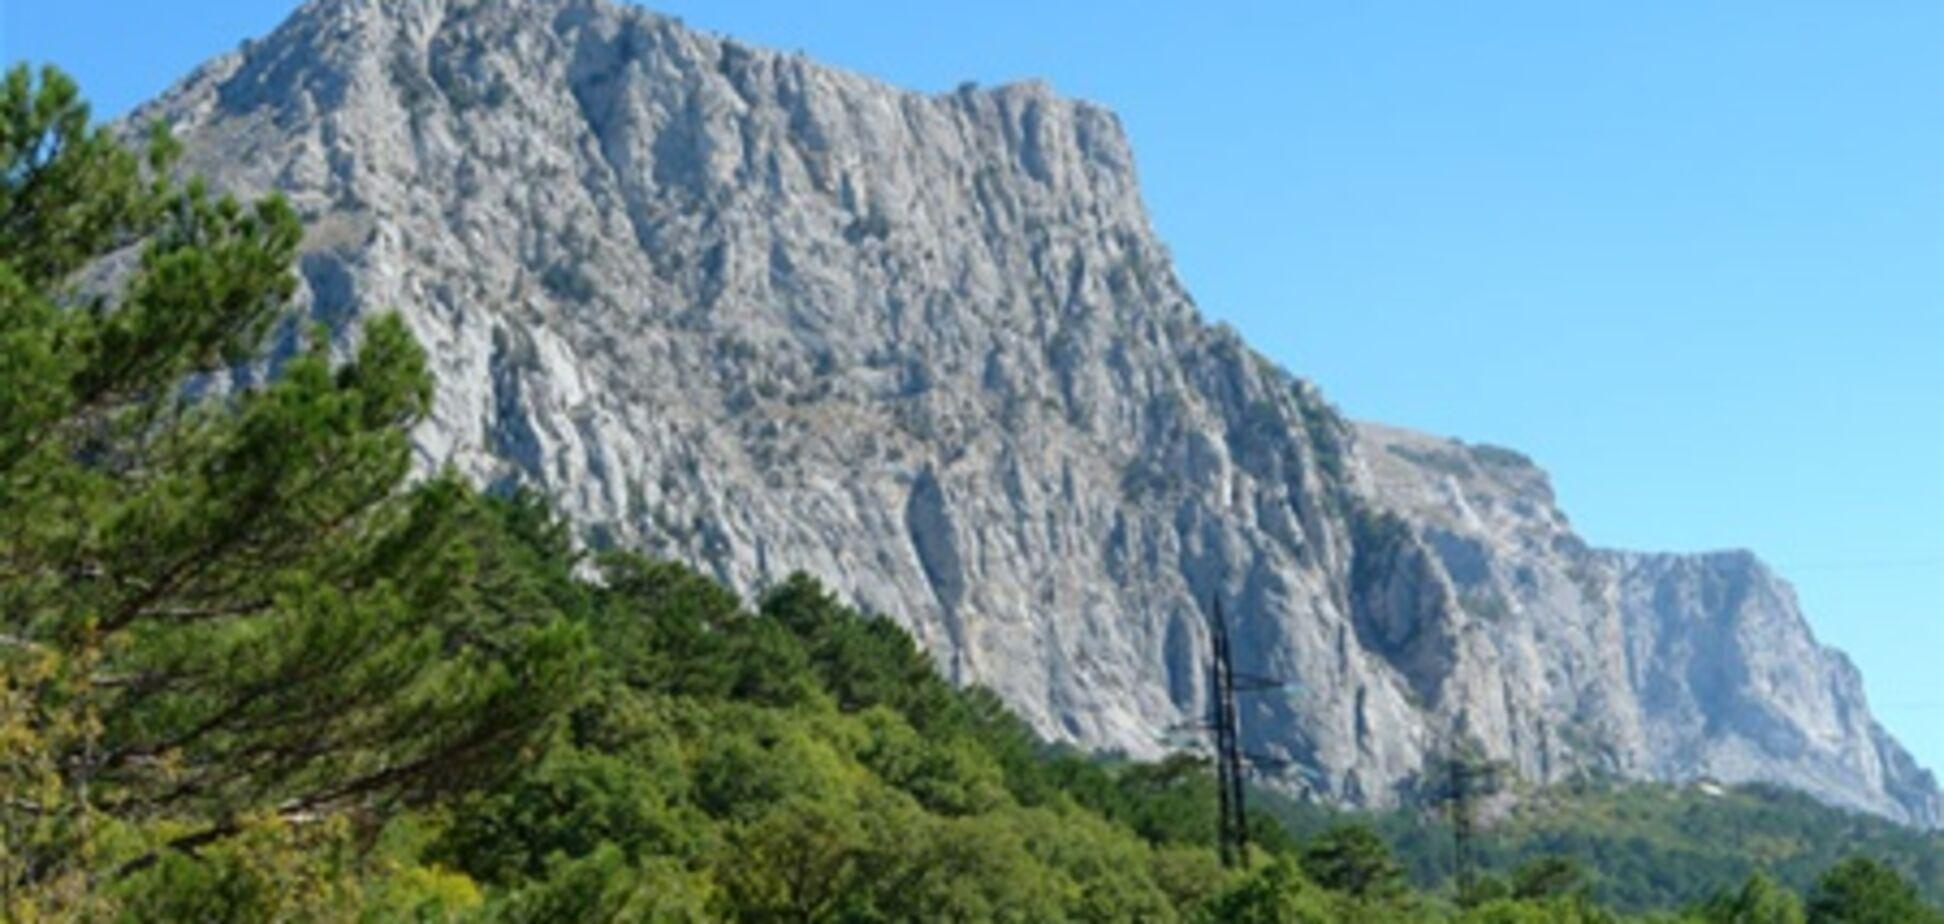 Кримчанин вижив після падіння з 120-метрової гори